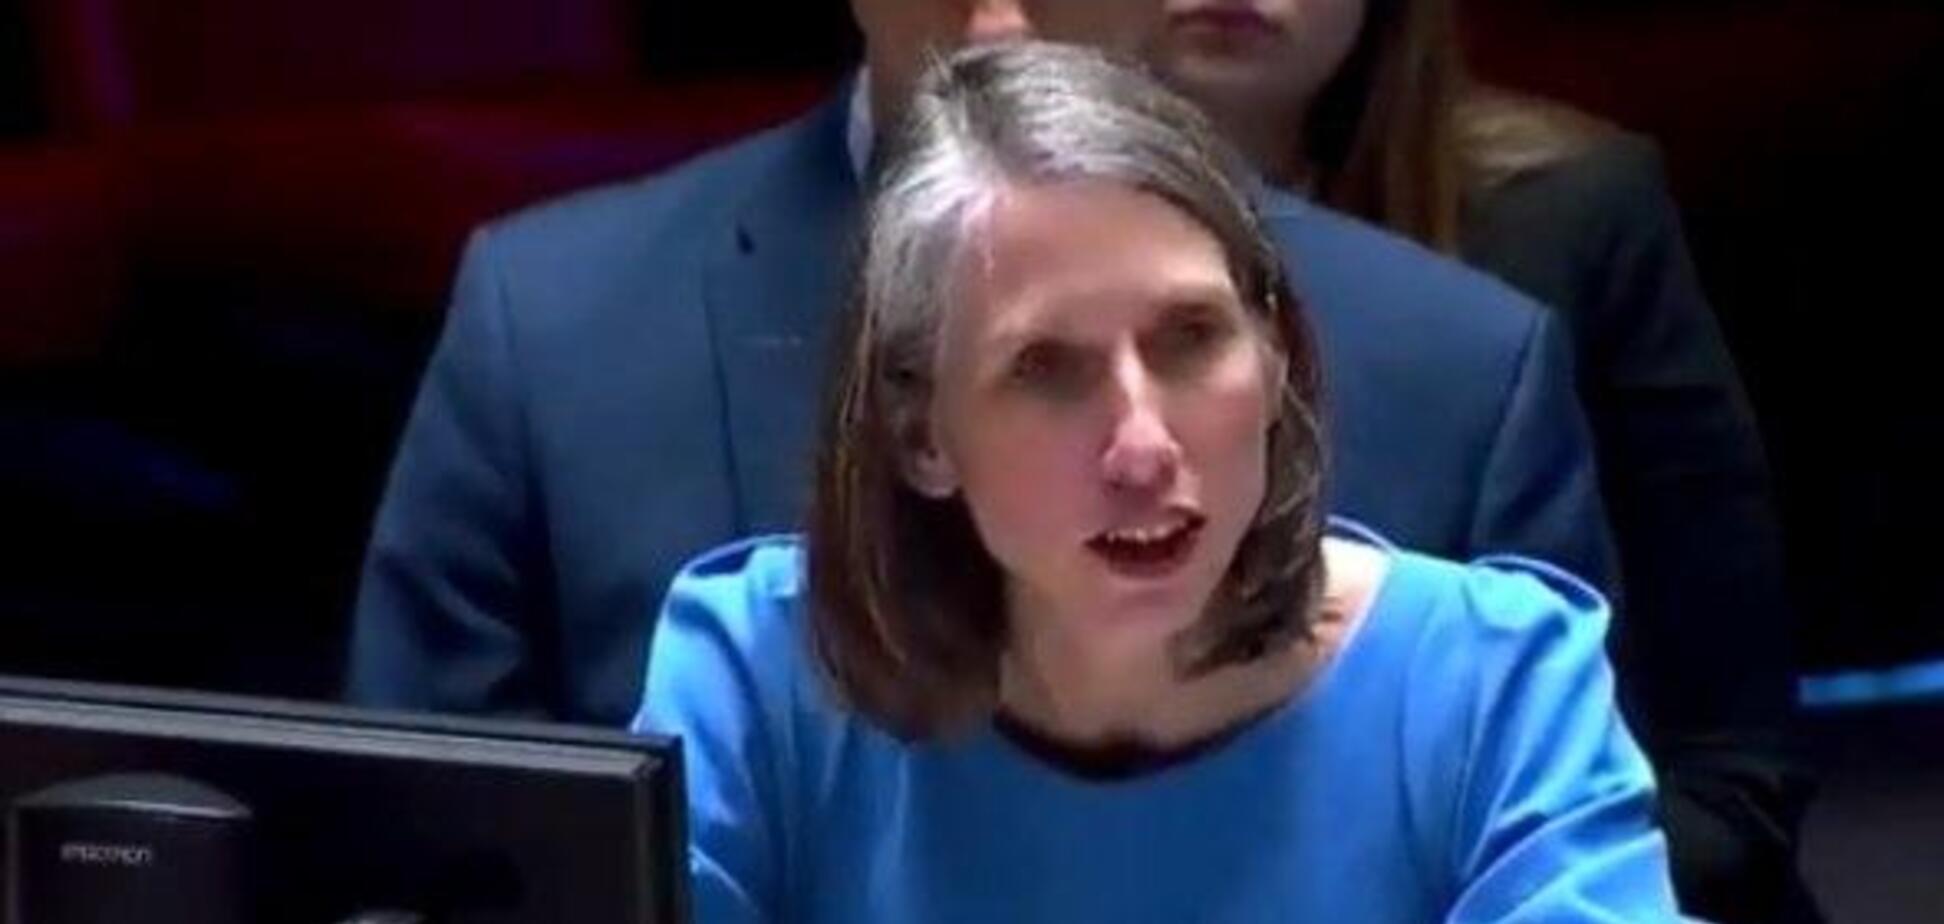 'Кремль продолжает снабжать своих марионеток': США на Совбезе ООН мощно поддержали Украину